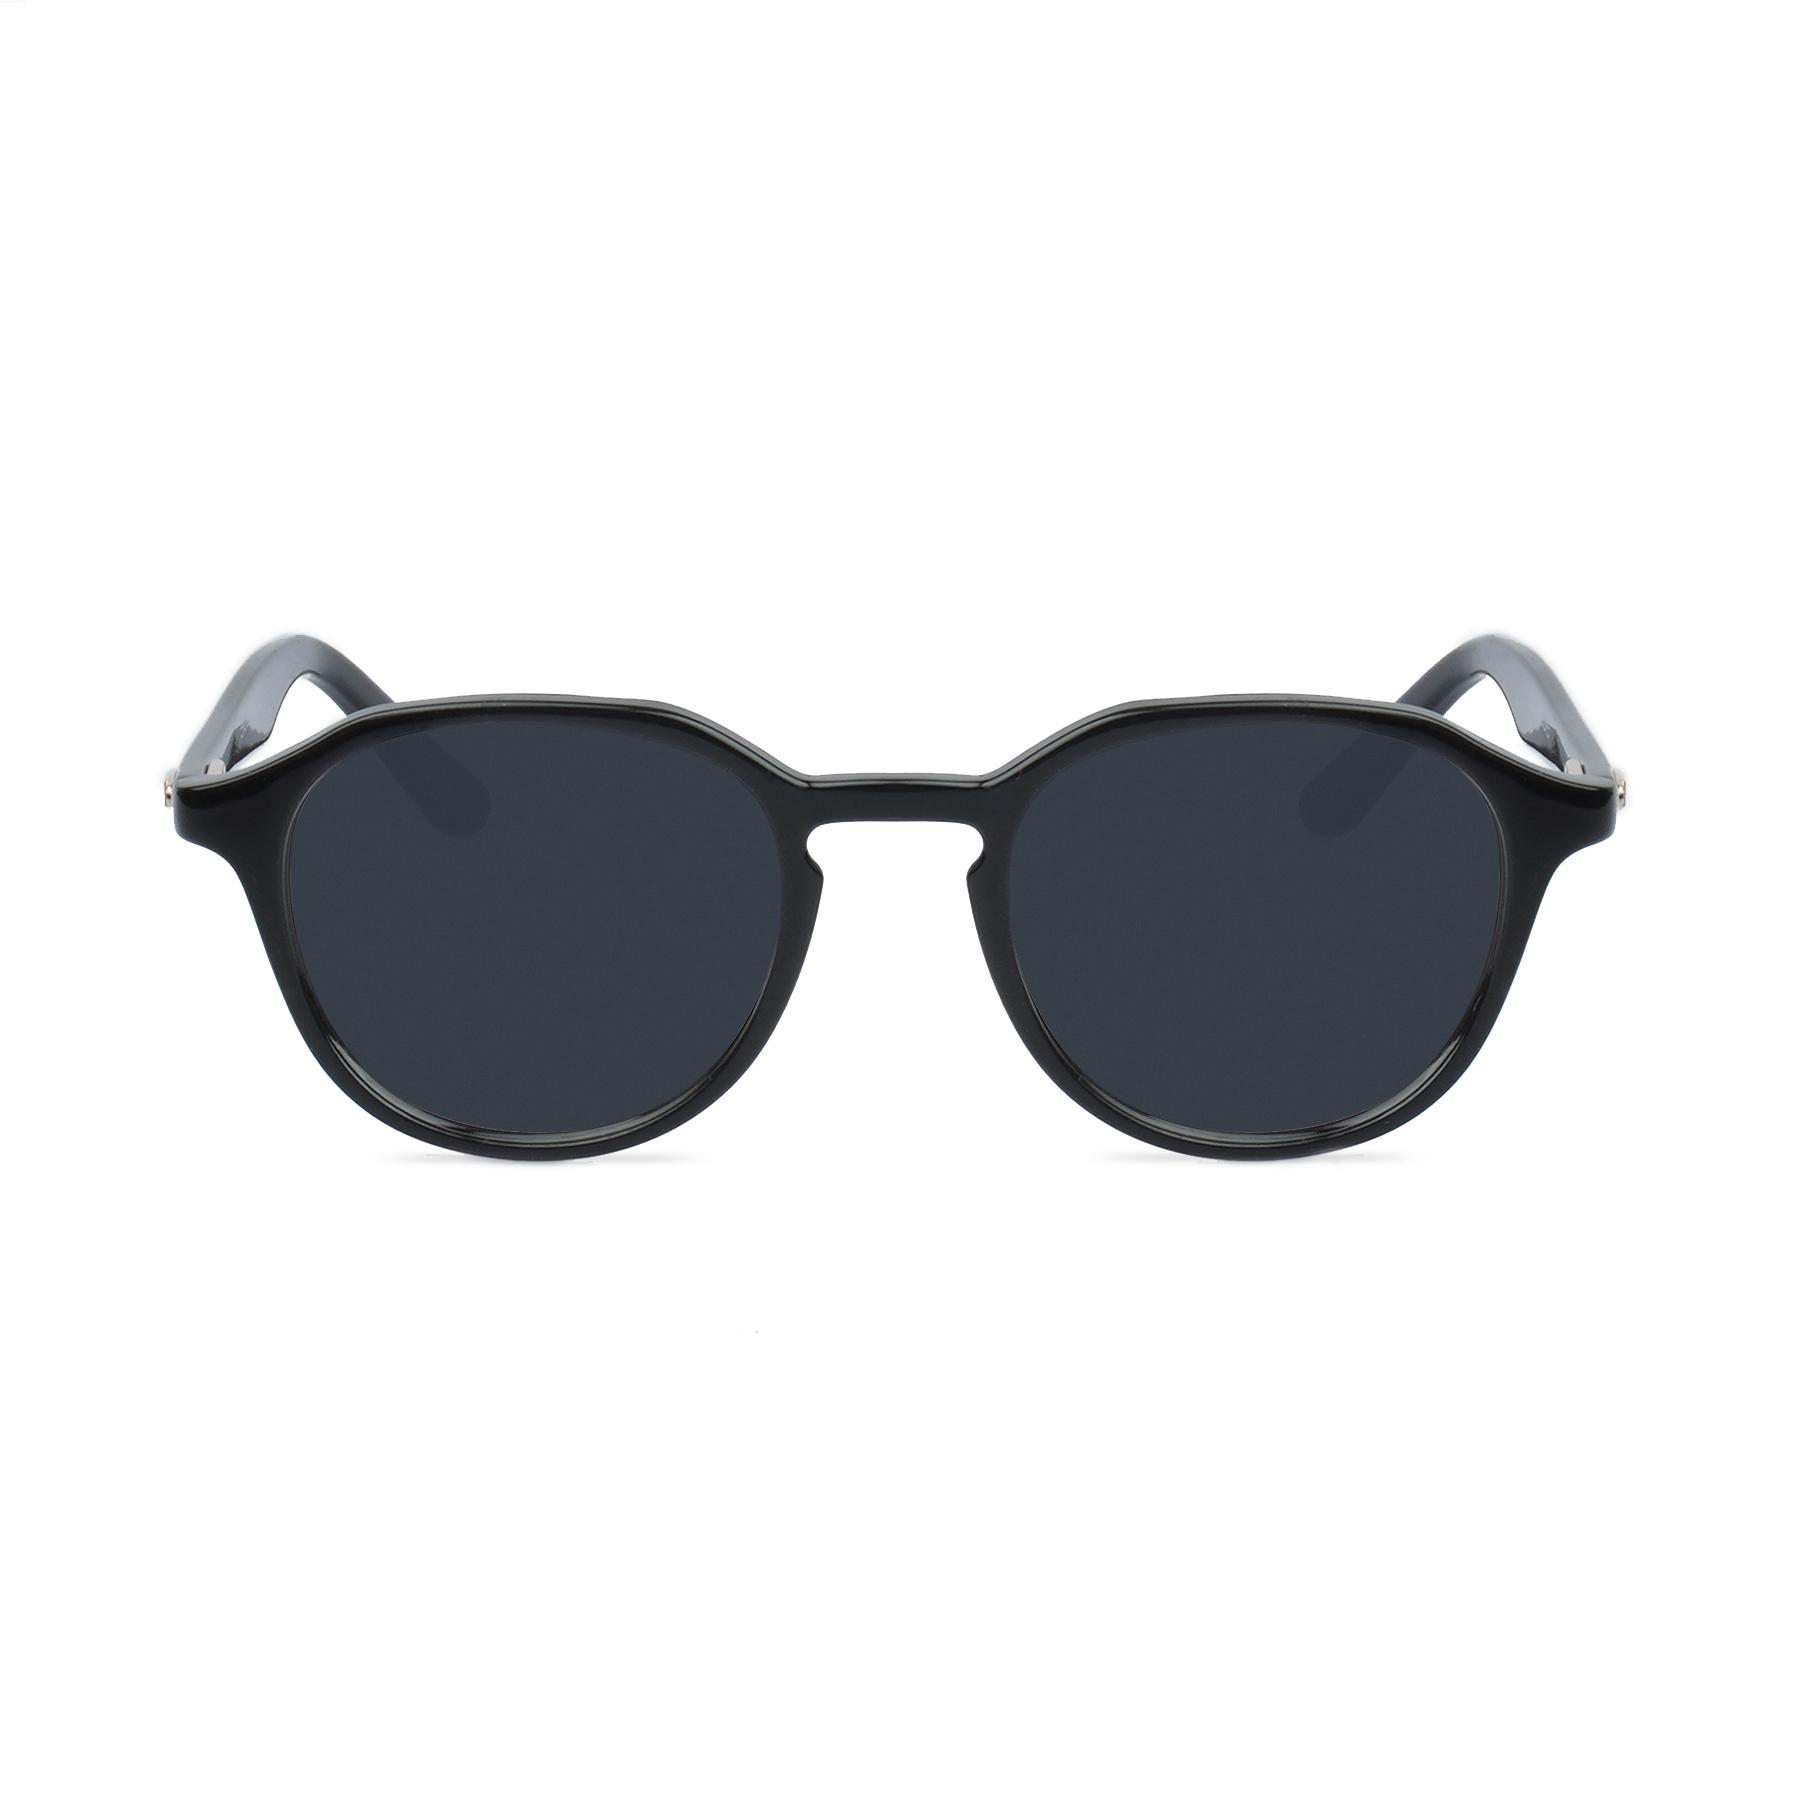 Evoke Munich Sunglasses